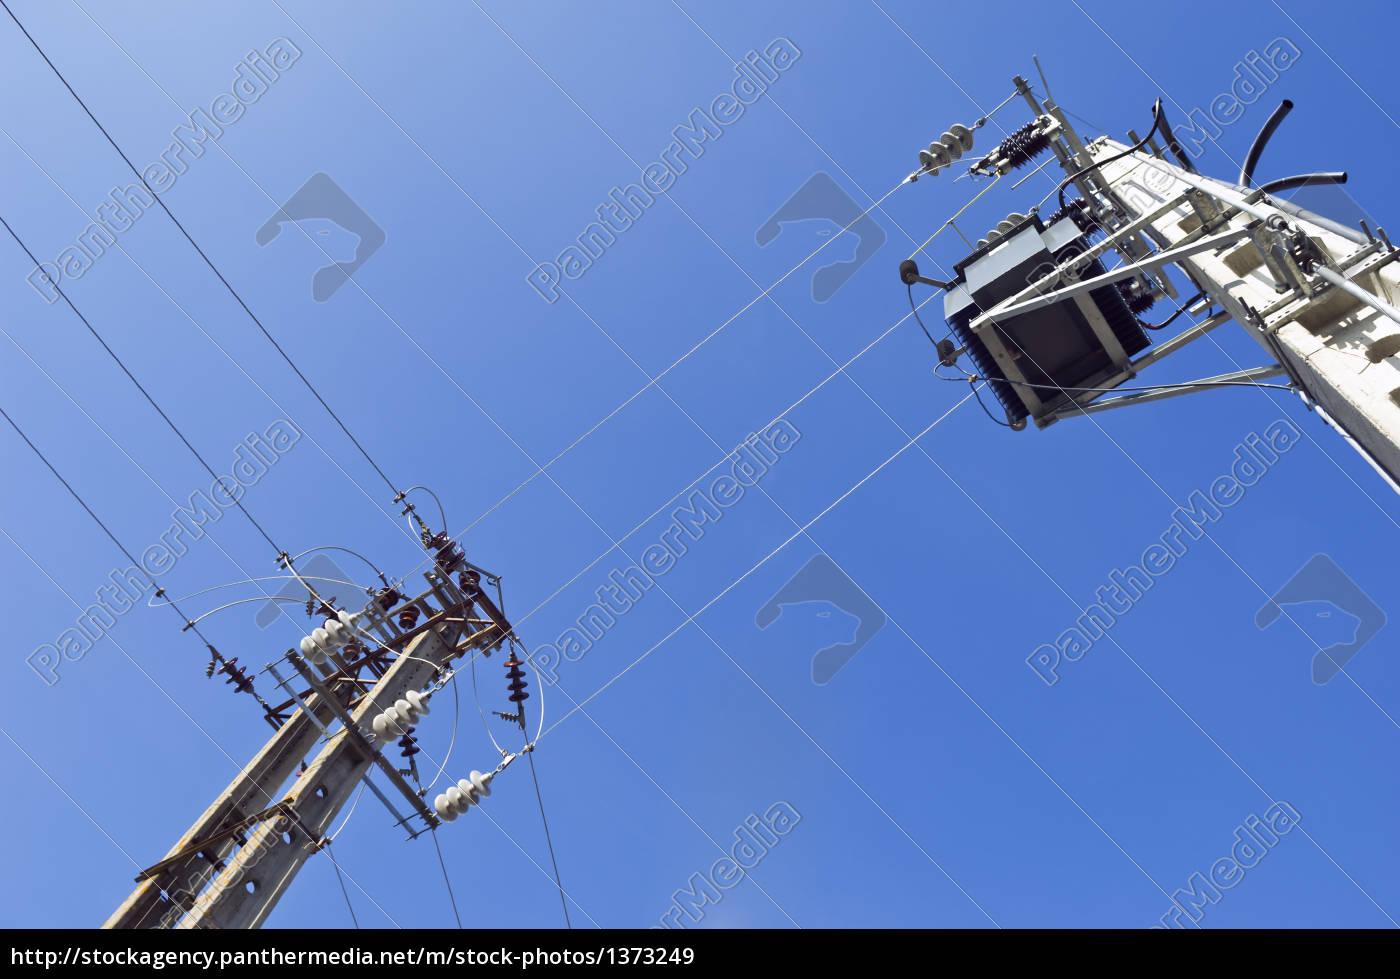 electric, poles - 1373249